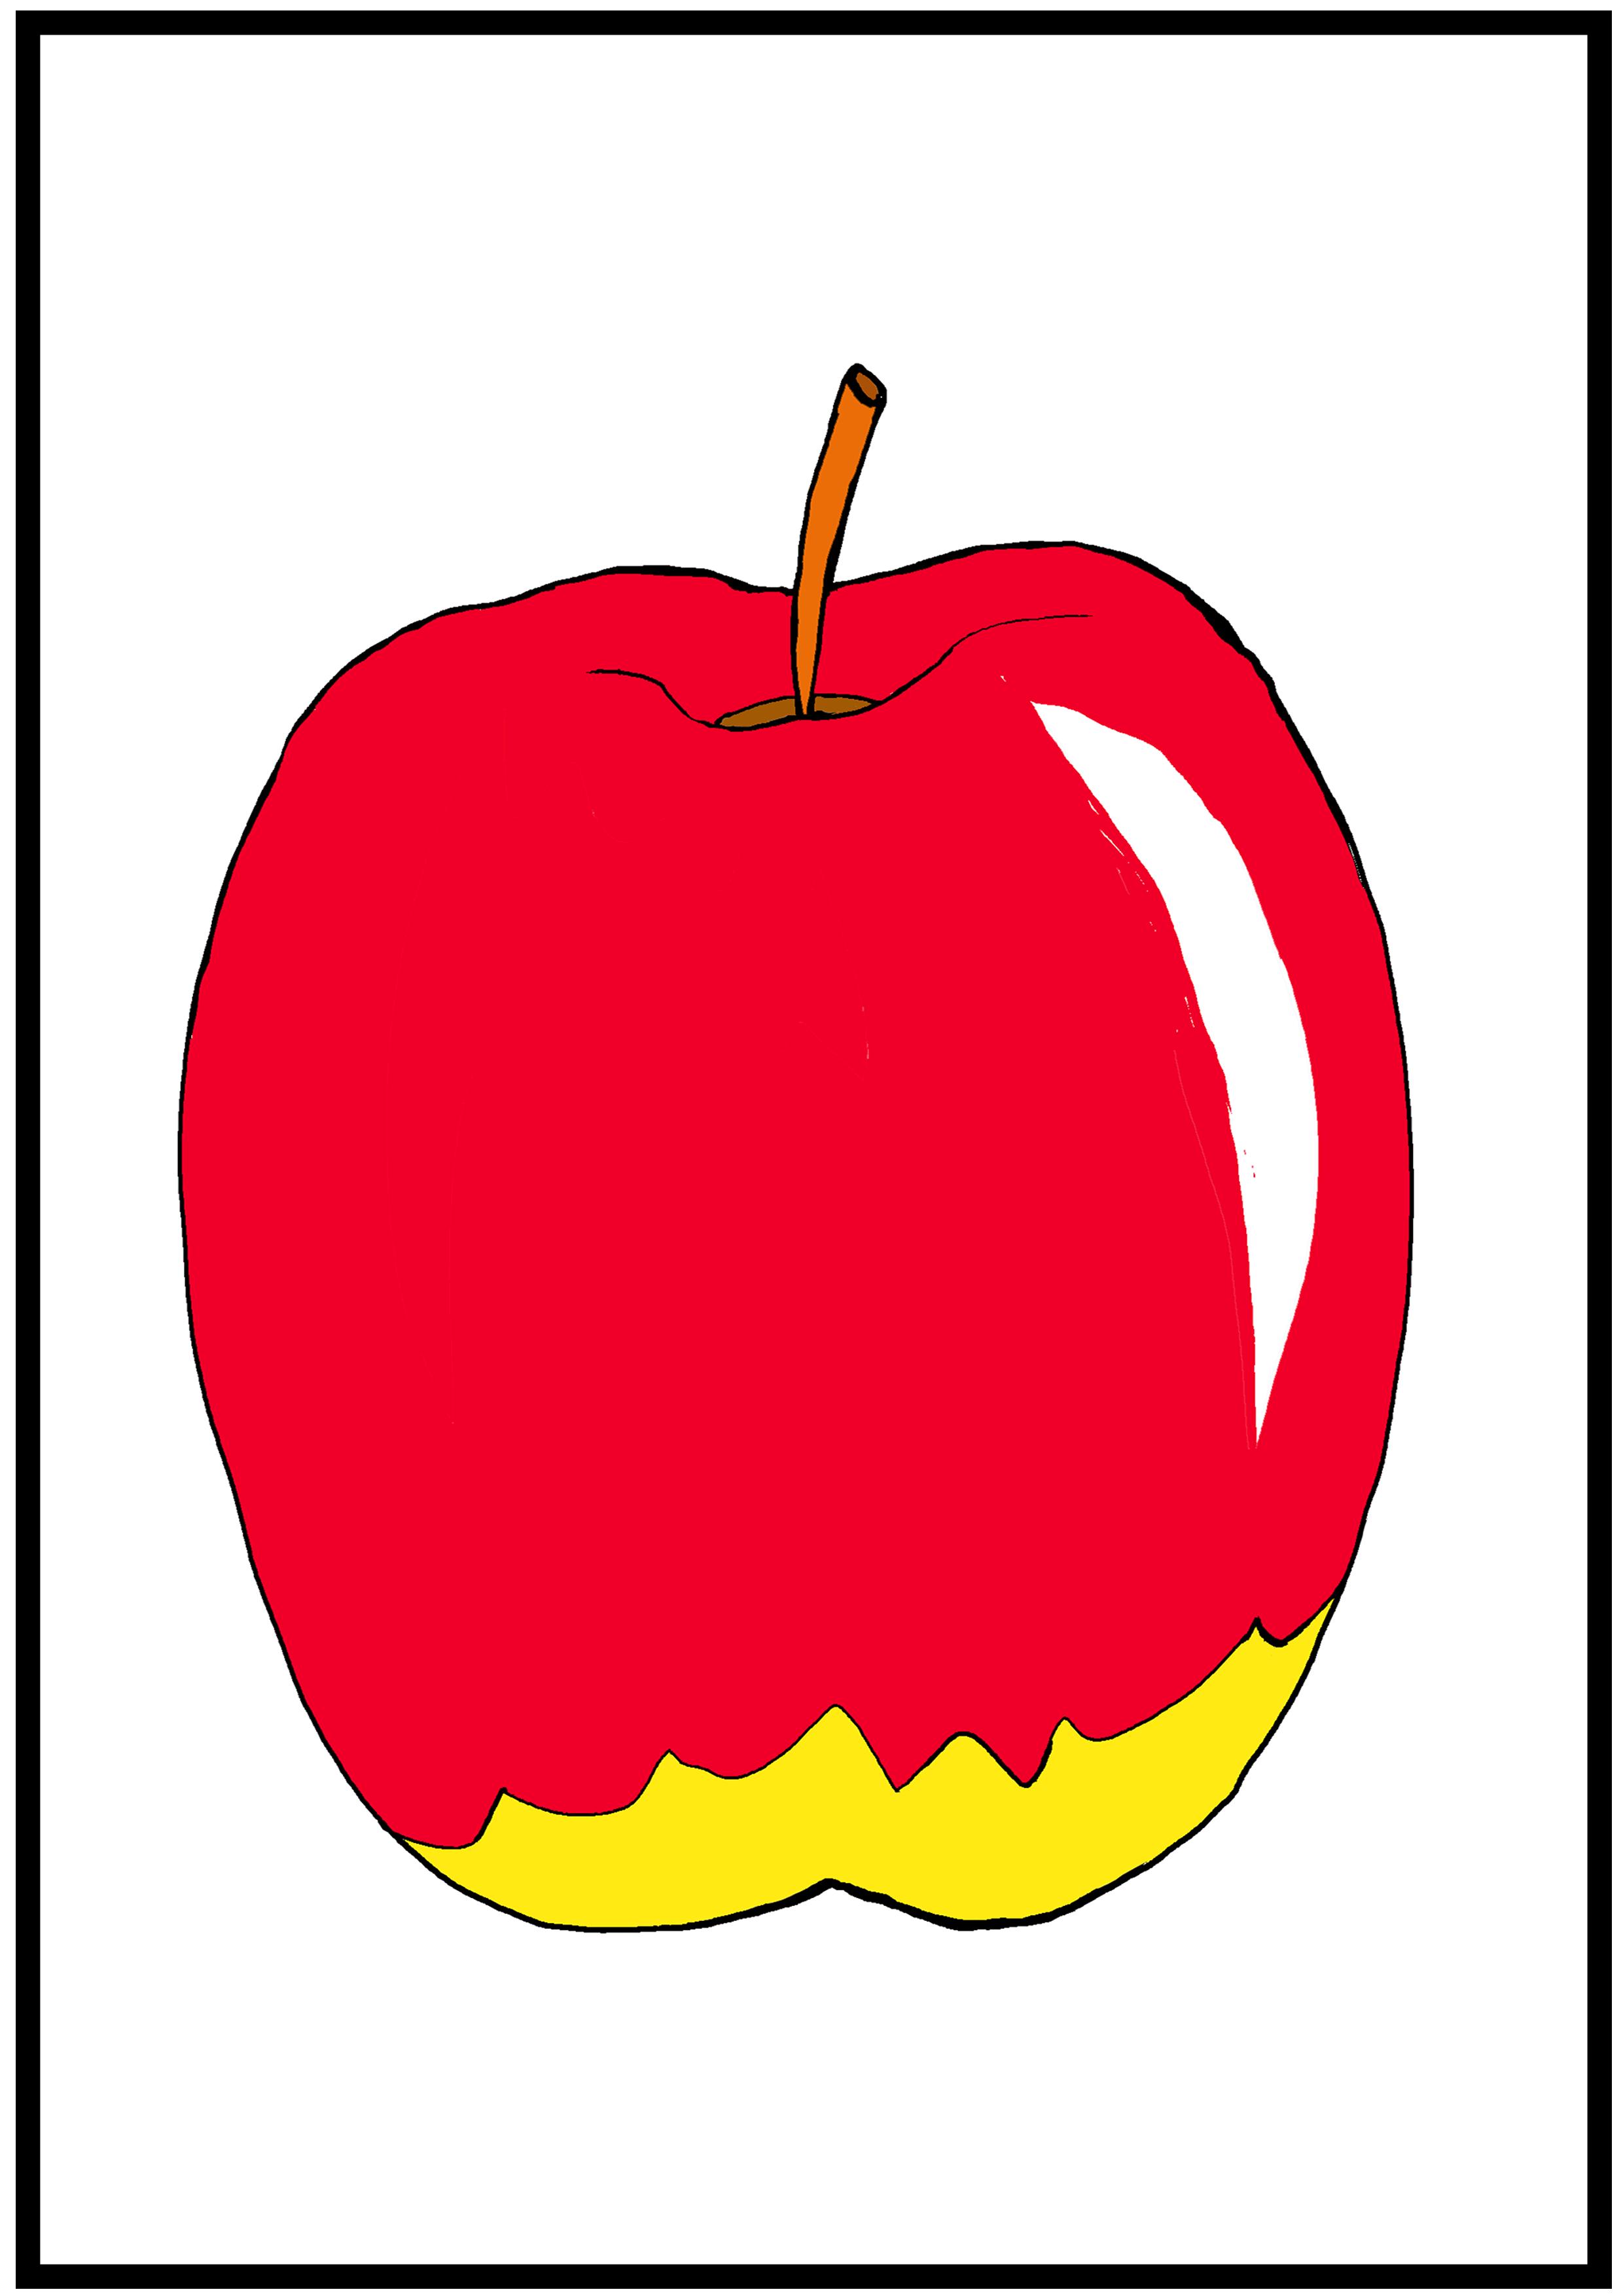 イラスト【りんご】